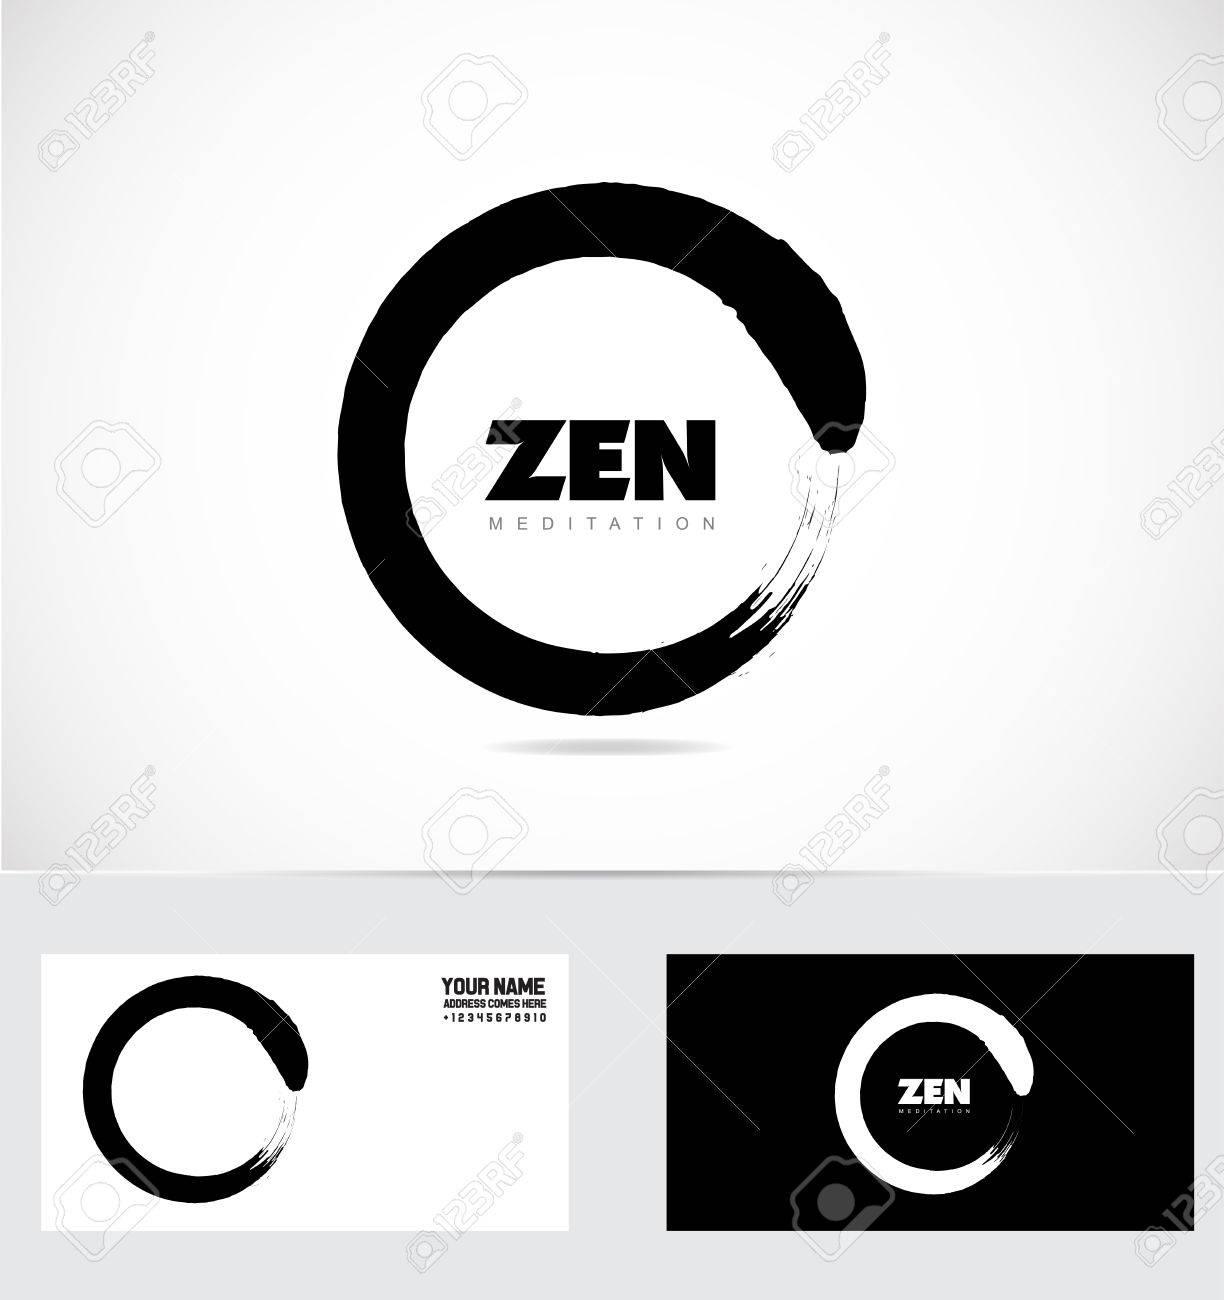 Ziemlich Zen Vorlage Bilder - Beispiel Wiederaufnahme Vorlagen ...